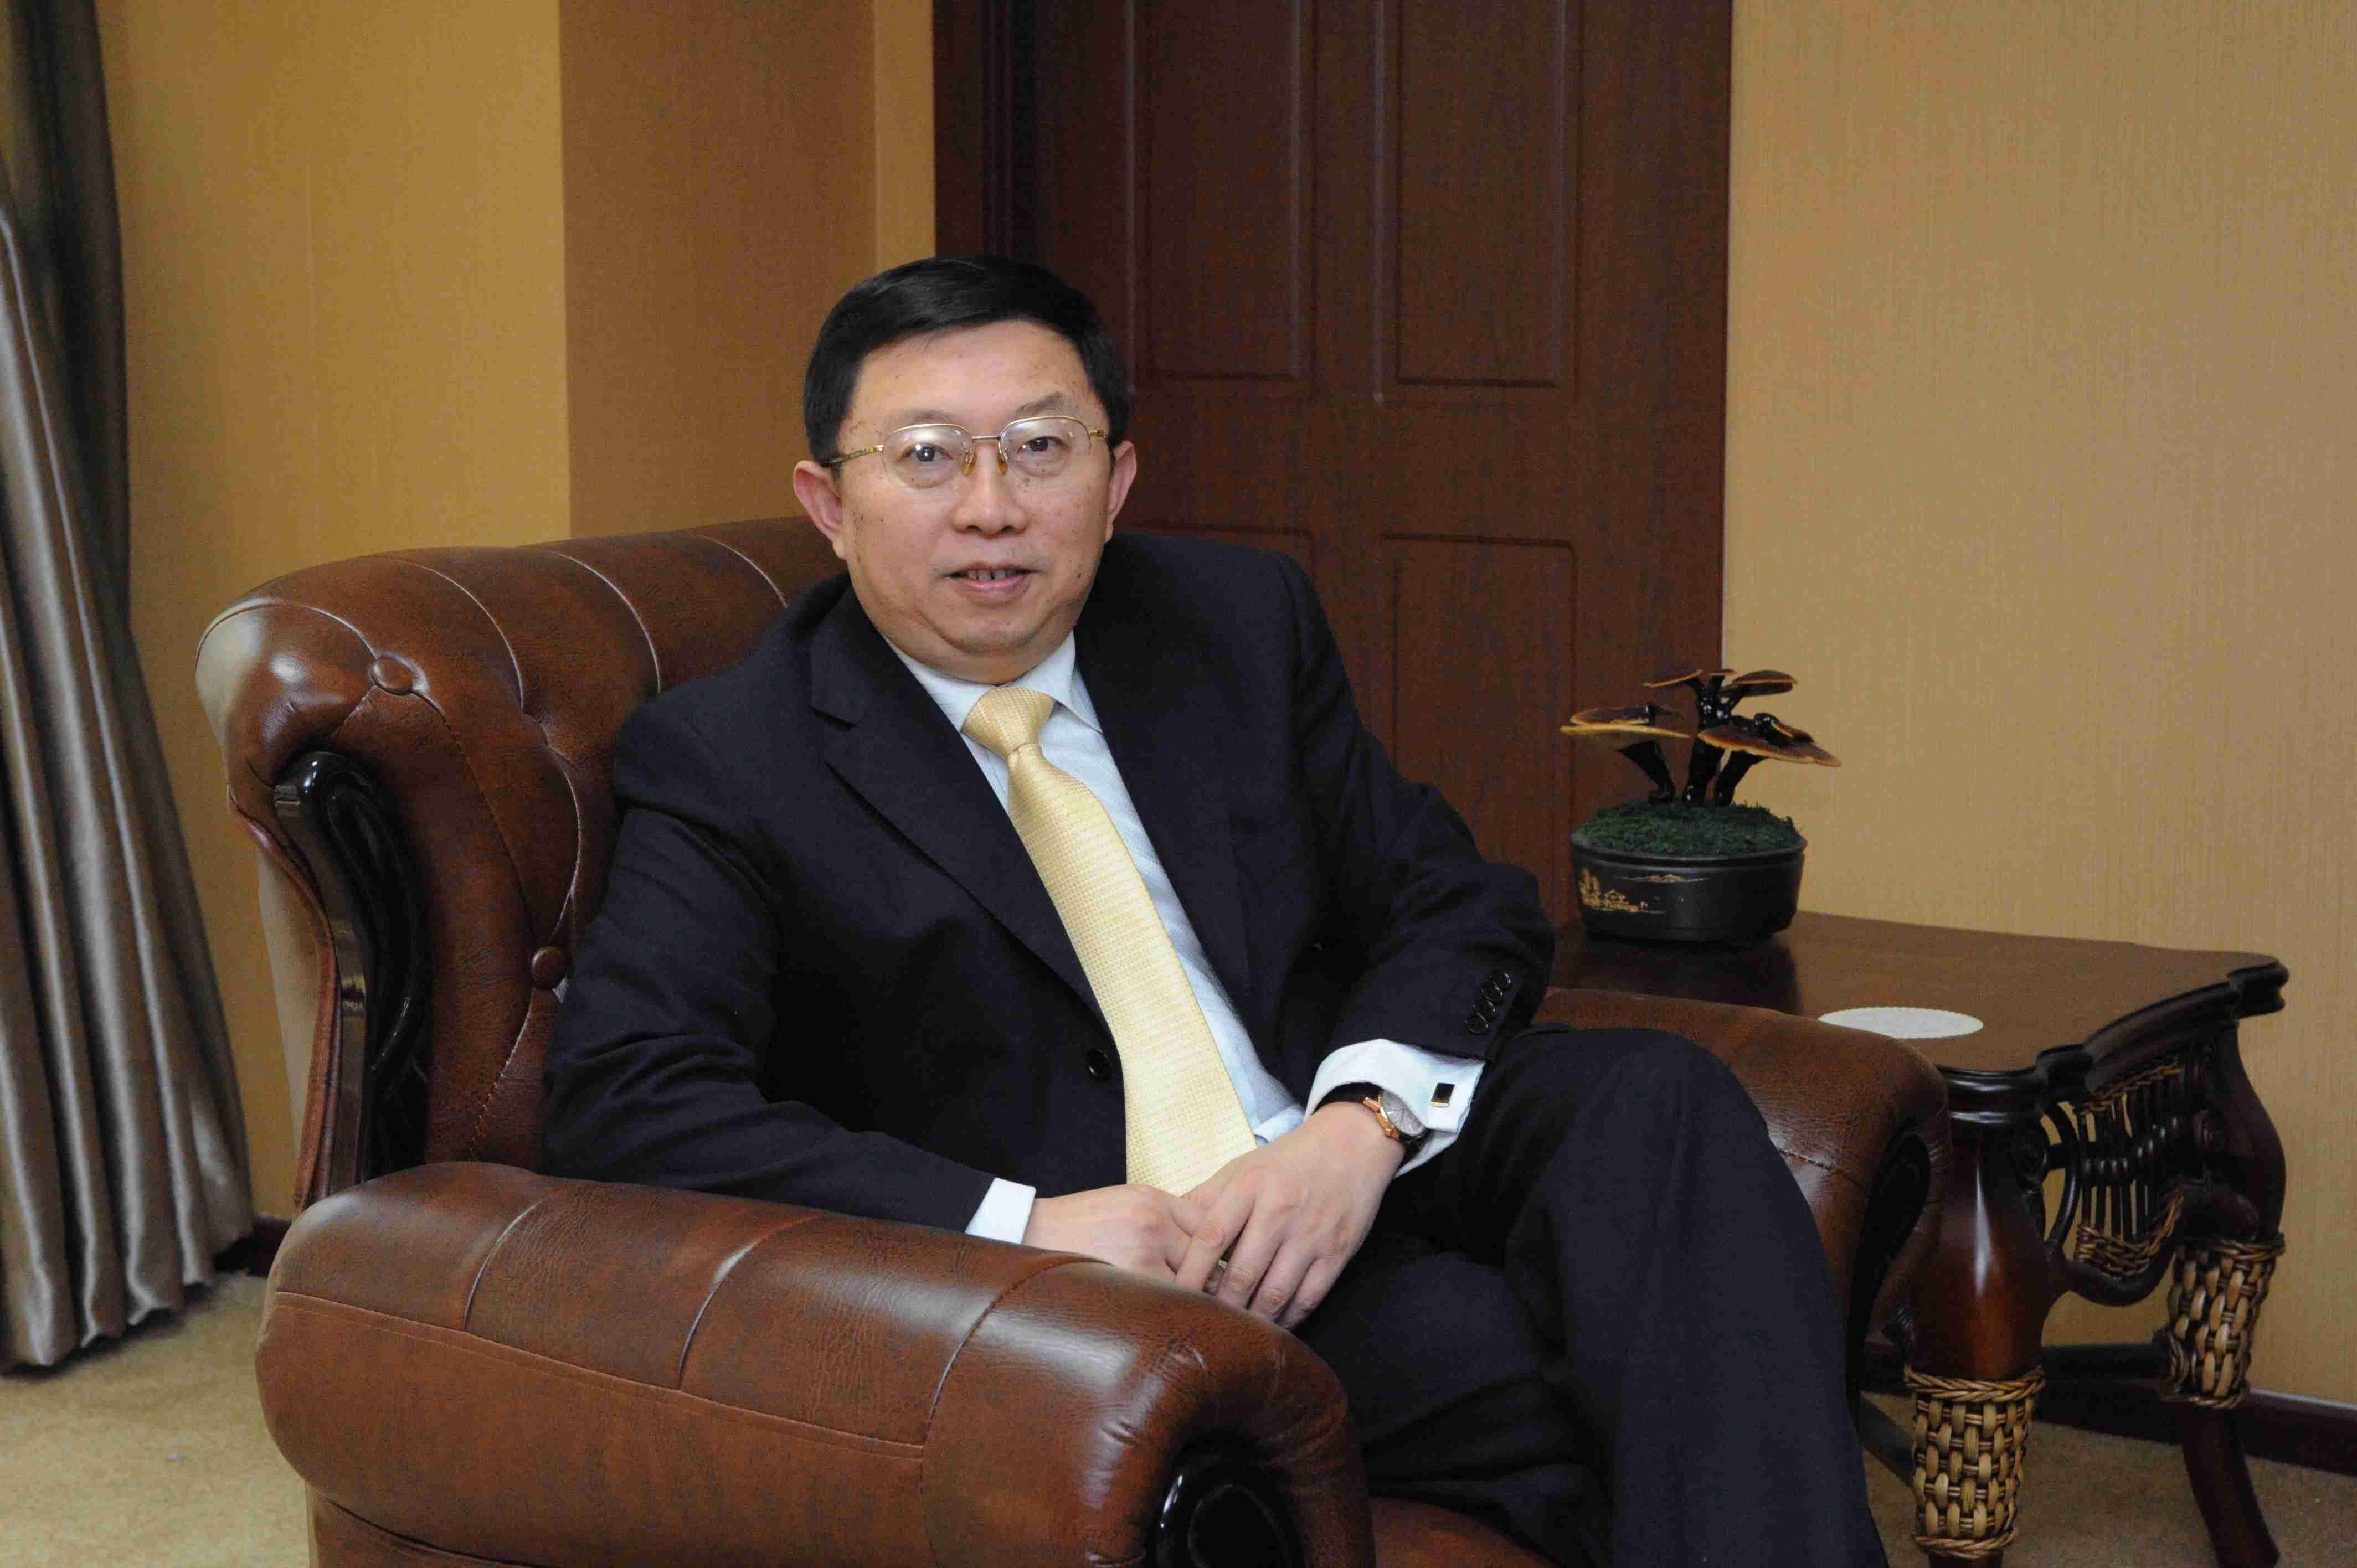 中国与马来西亚开启新合作